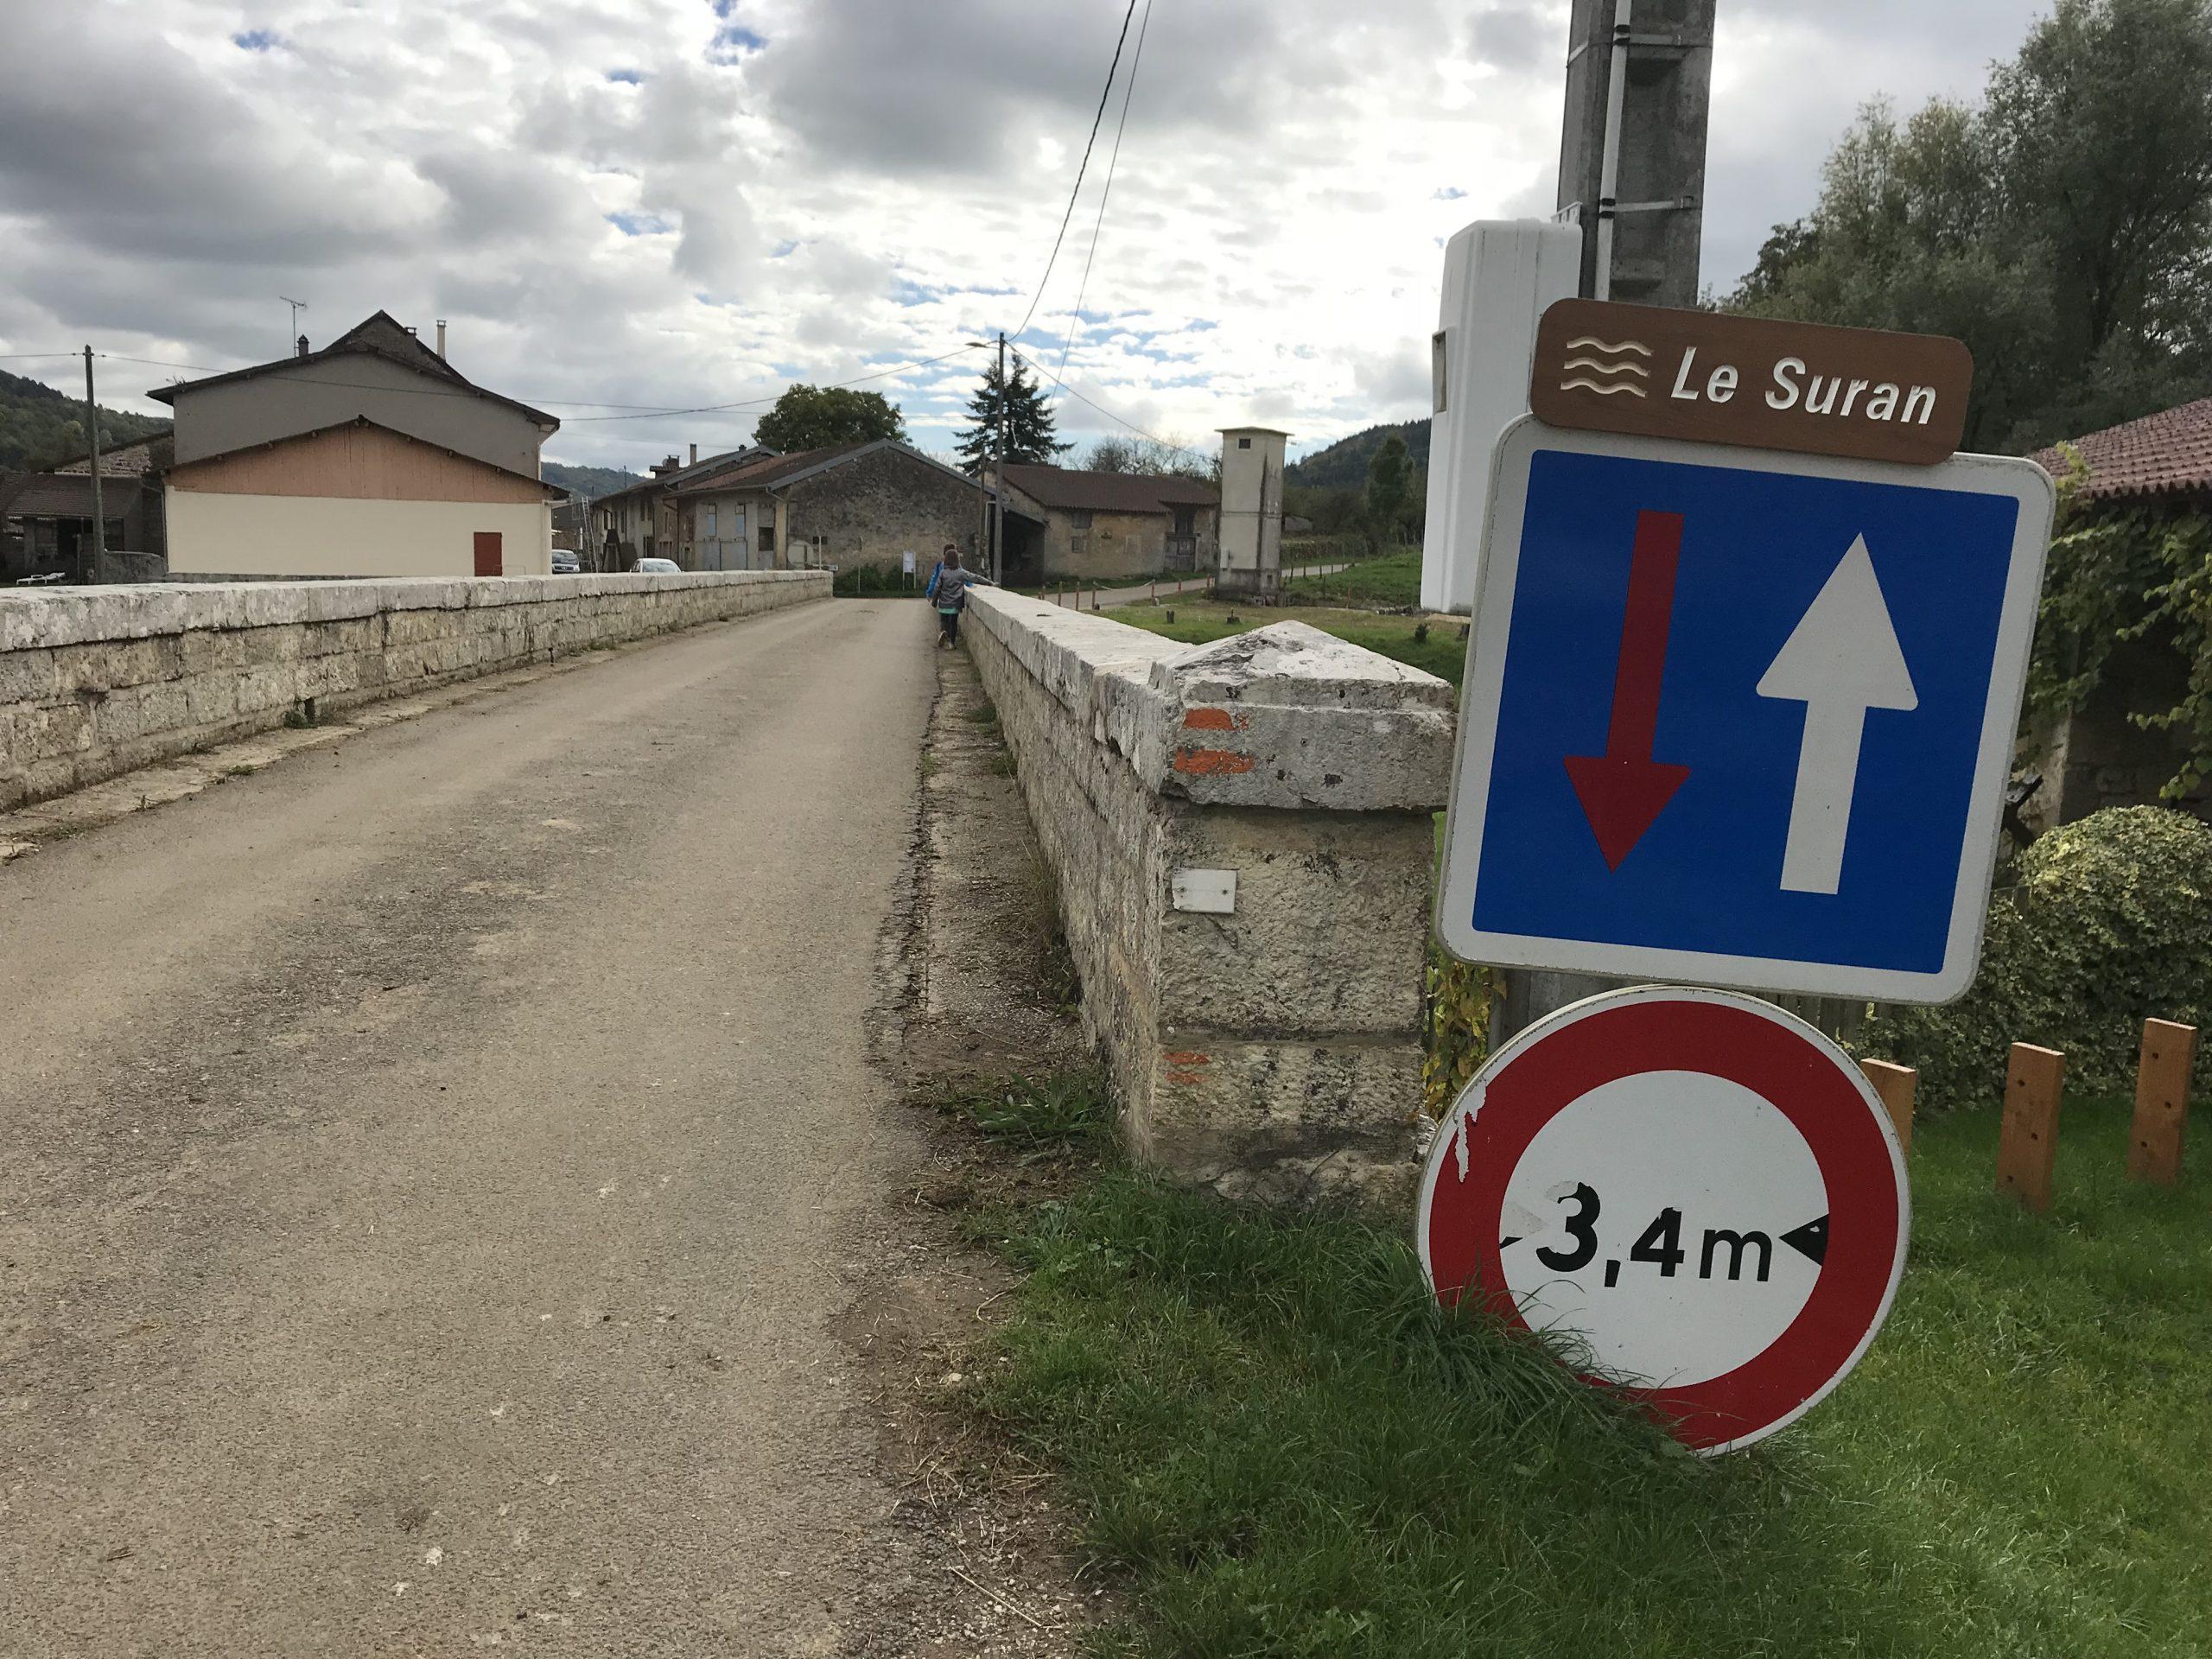 File:montfleur (Département Du Jura, France) - Oct 2017 - 12 à Departement 12 En France